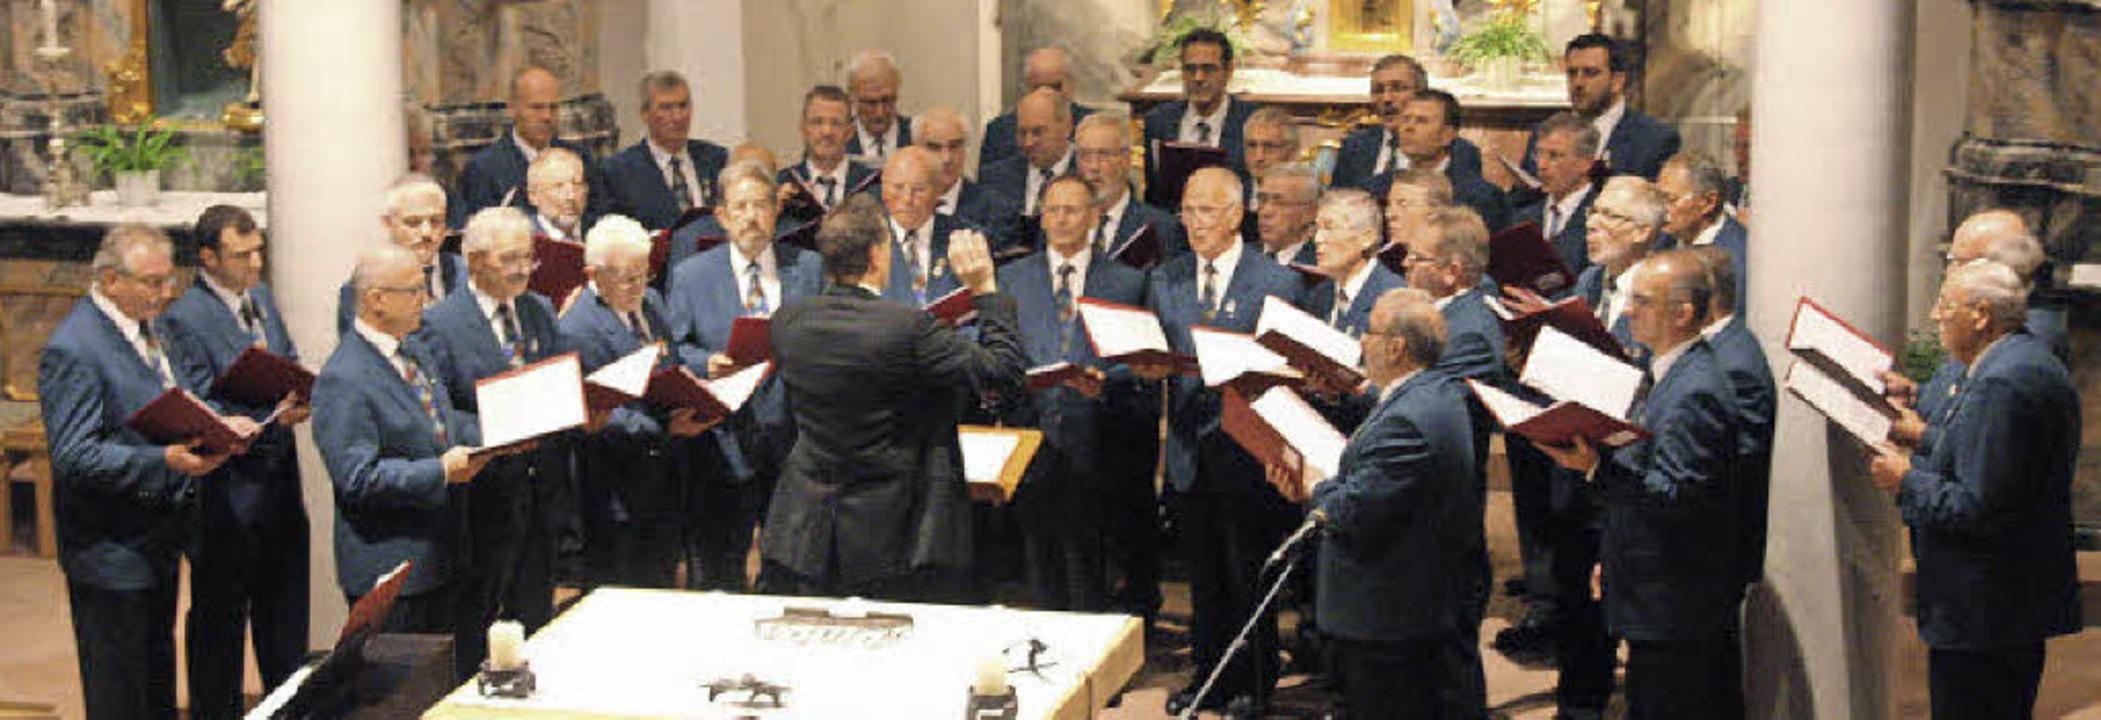 Die Chorgemeinschaft Schallstadt-Wolfe... Auftritt in der Kirche Sankt Blasius.    Foto: Hans Jürgen Kugler